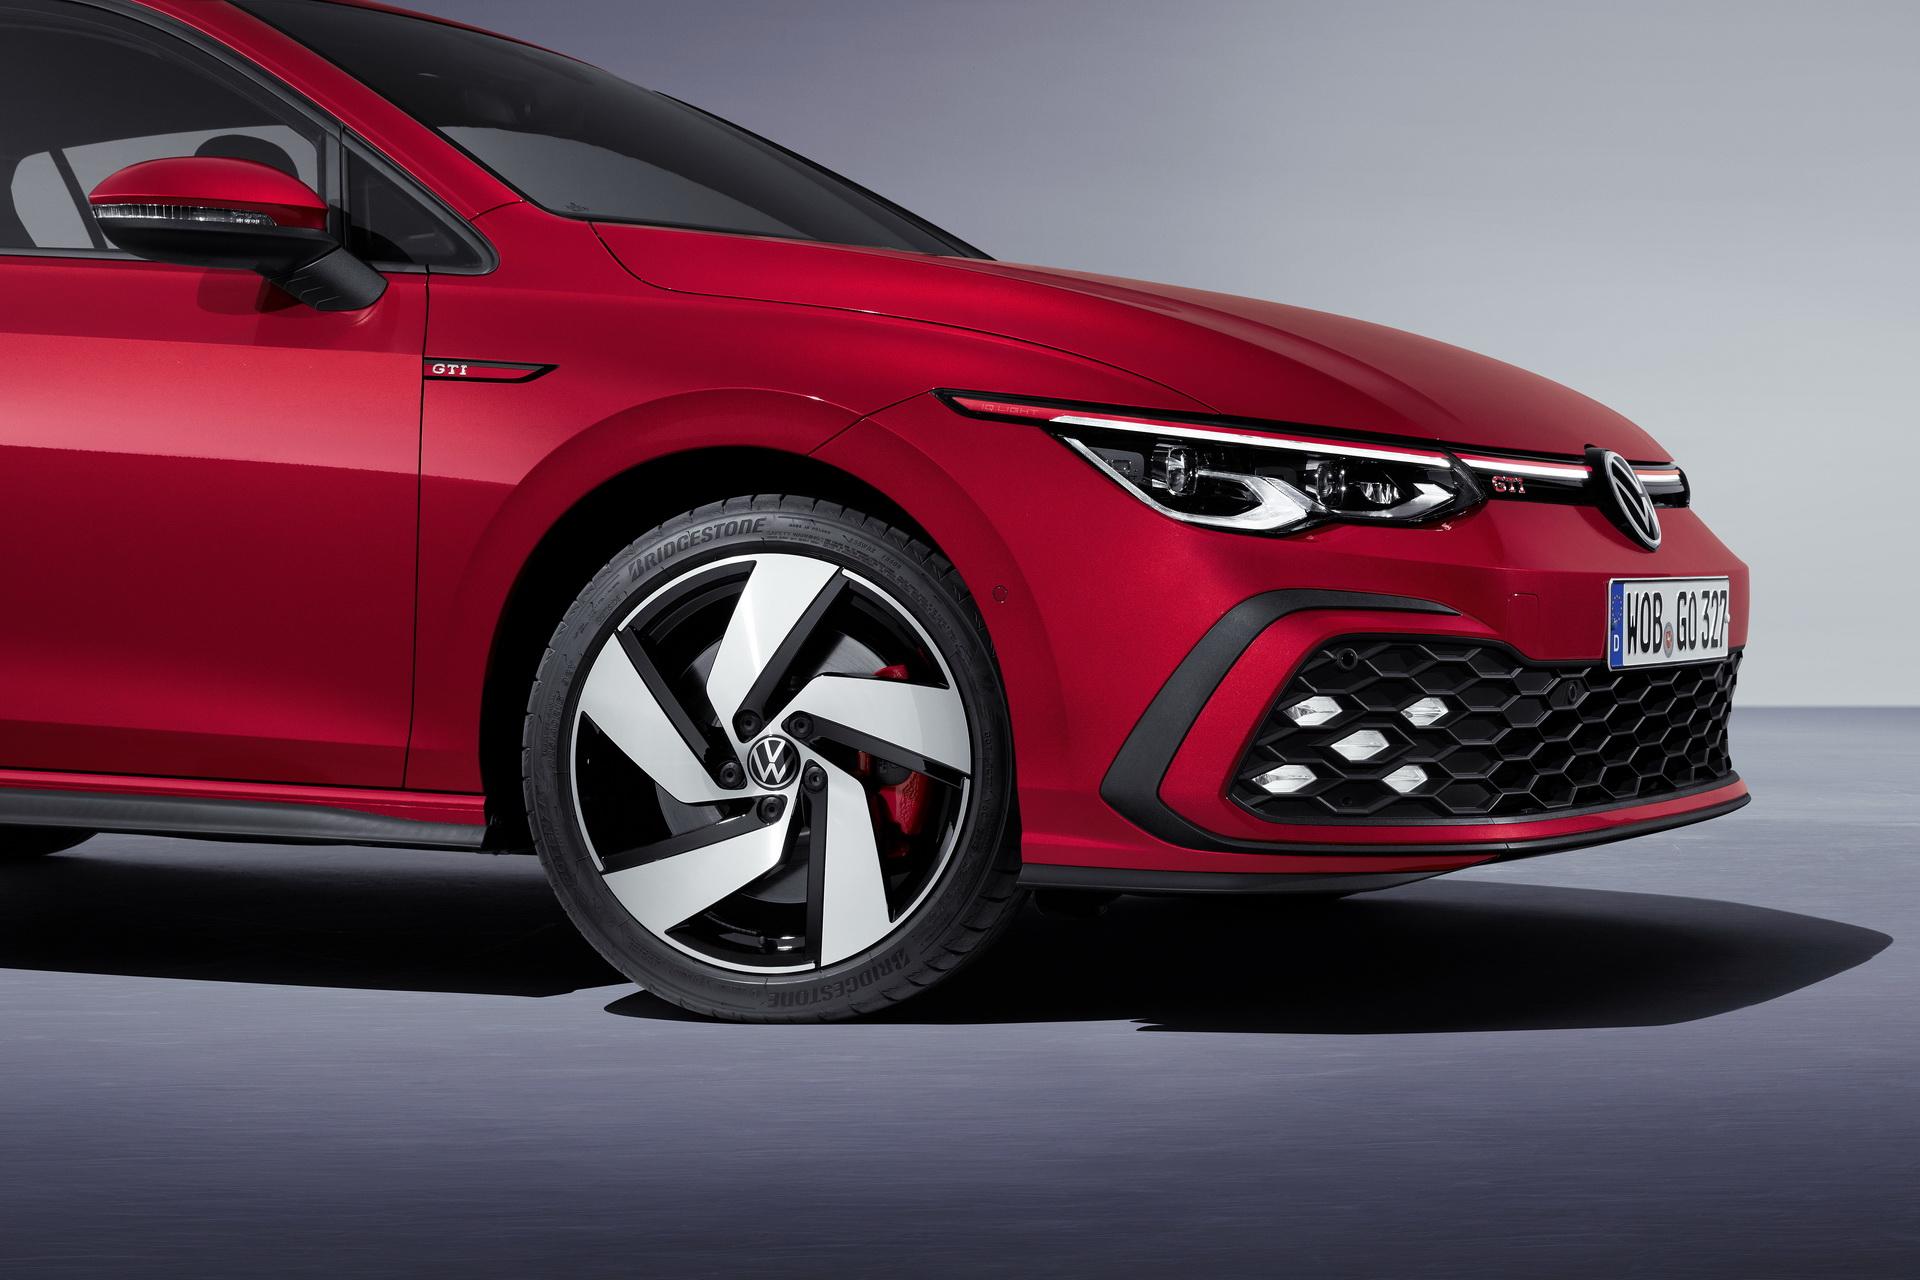 sieu xe hoi geneva 2020 - Volkswagen Golf GTI - elle man 1